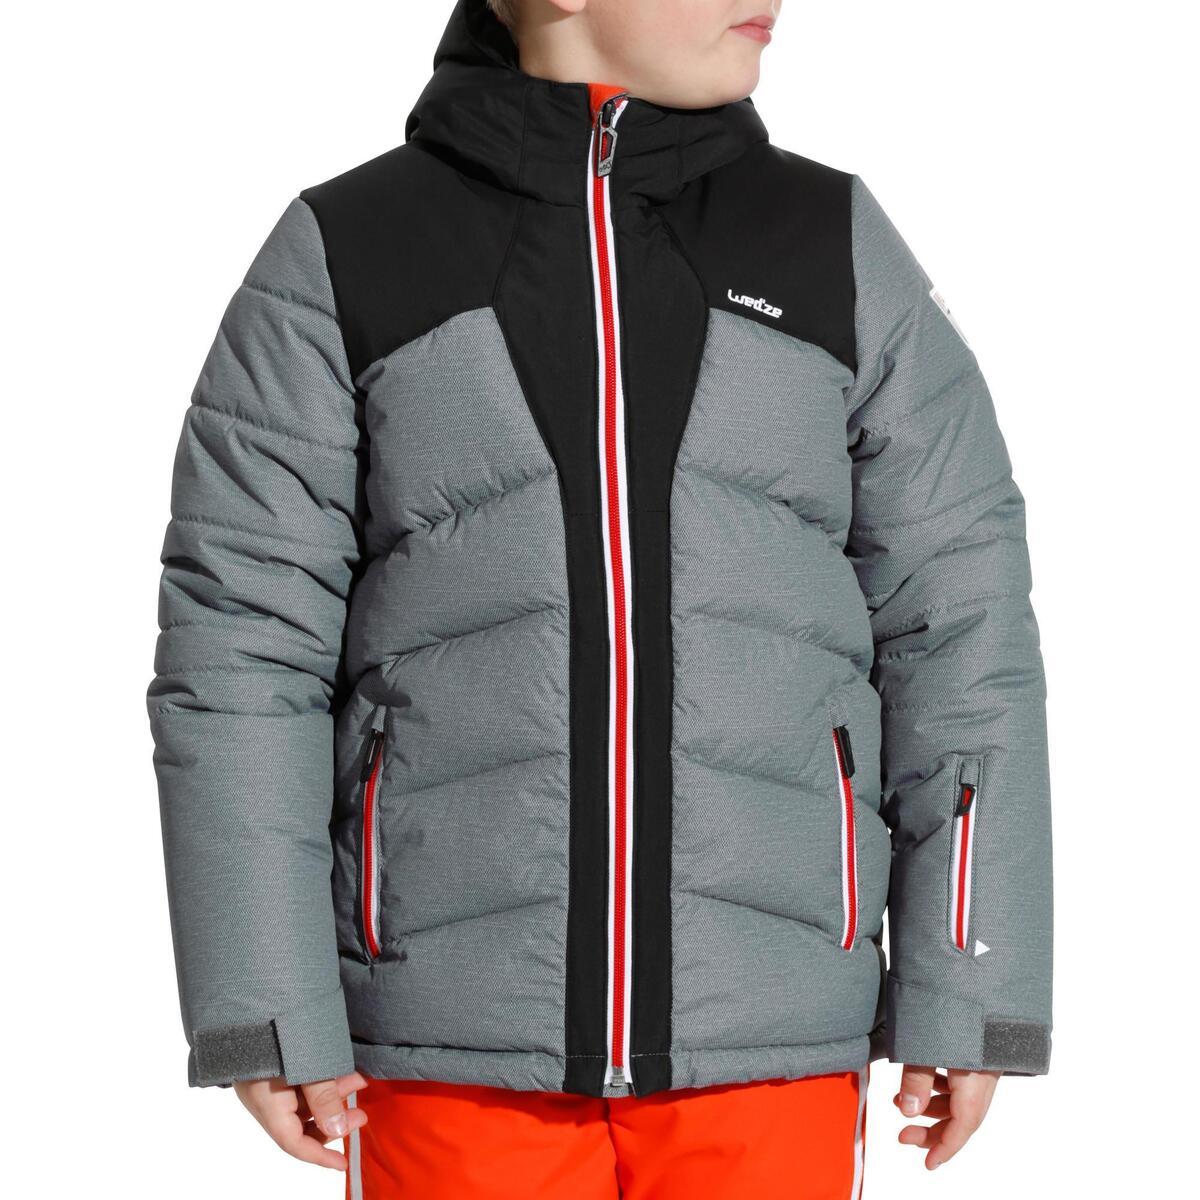 Bild 2 von Skijacke Warm 500 Kinder grau/schwarz